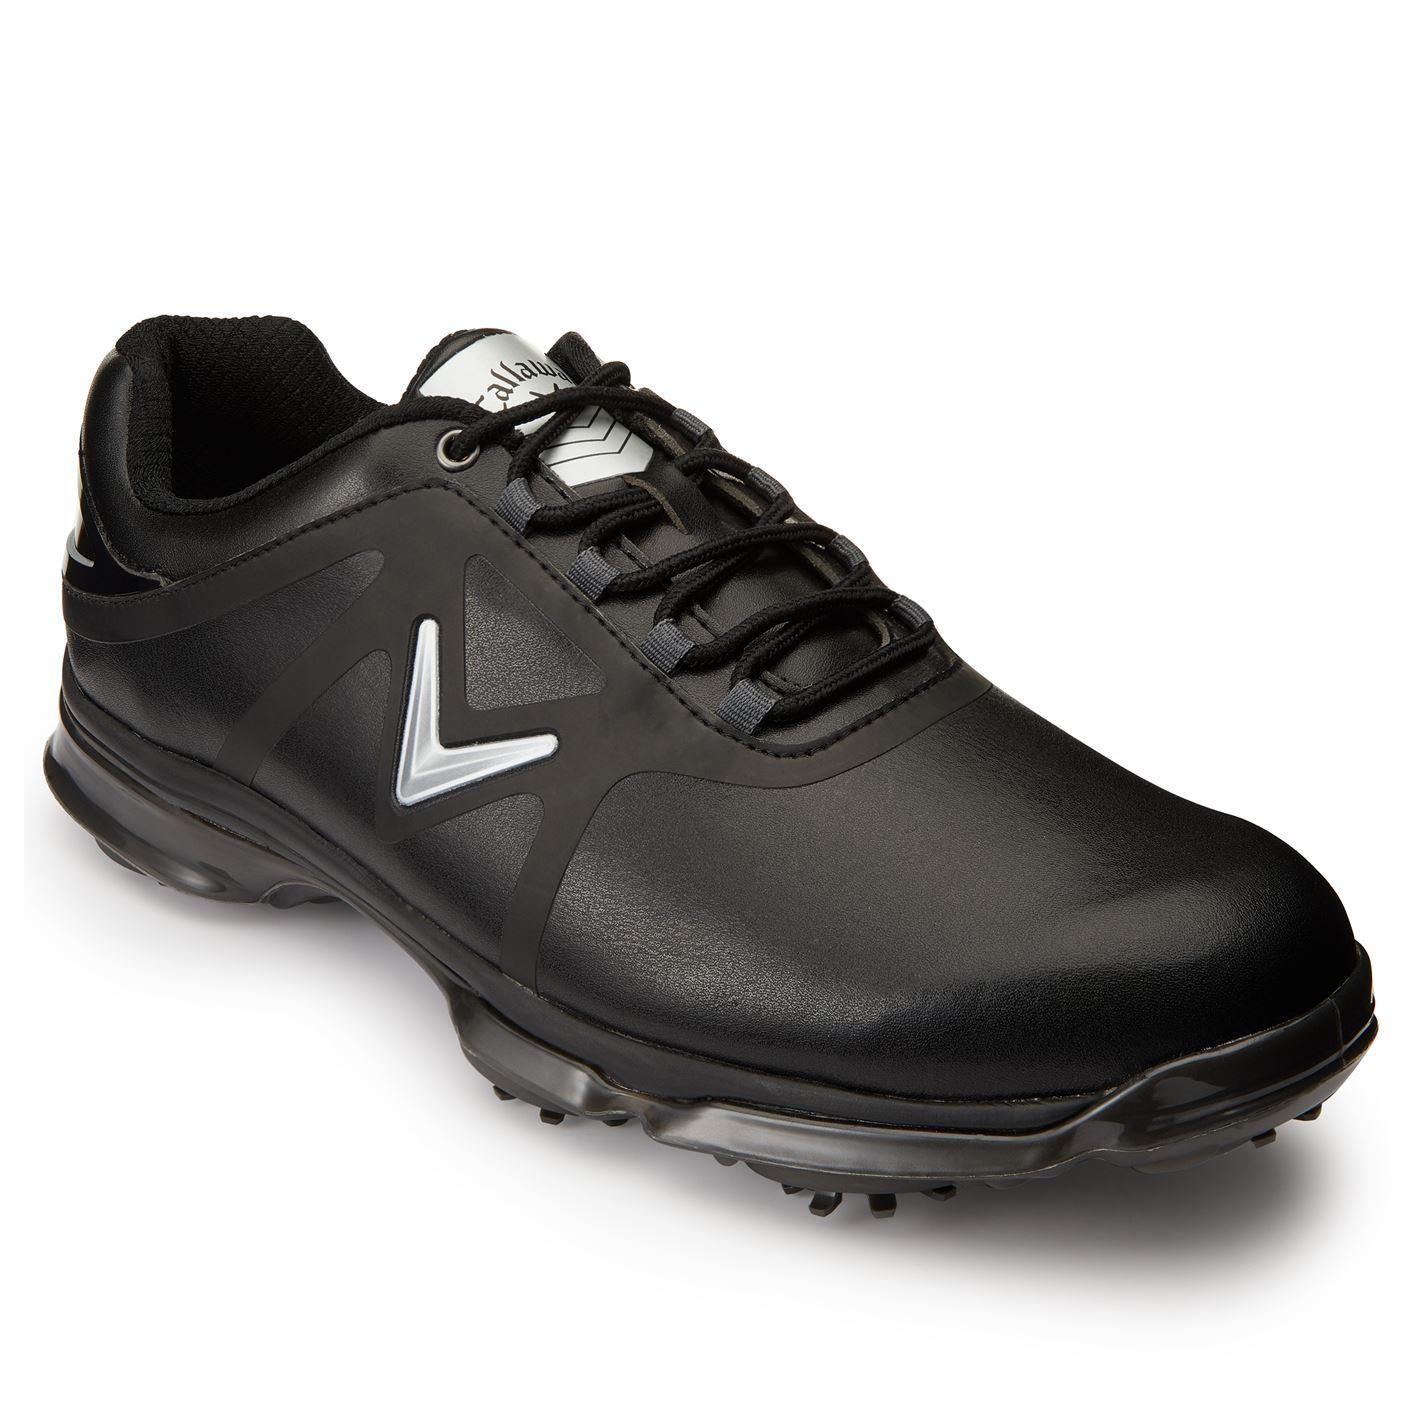 Callaway-XTT-Comfort-Spiked-Golf-Shoes-Mens-Spikes-Footwear thumbnail 5